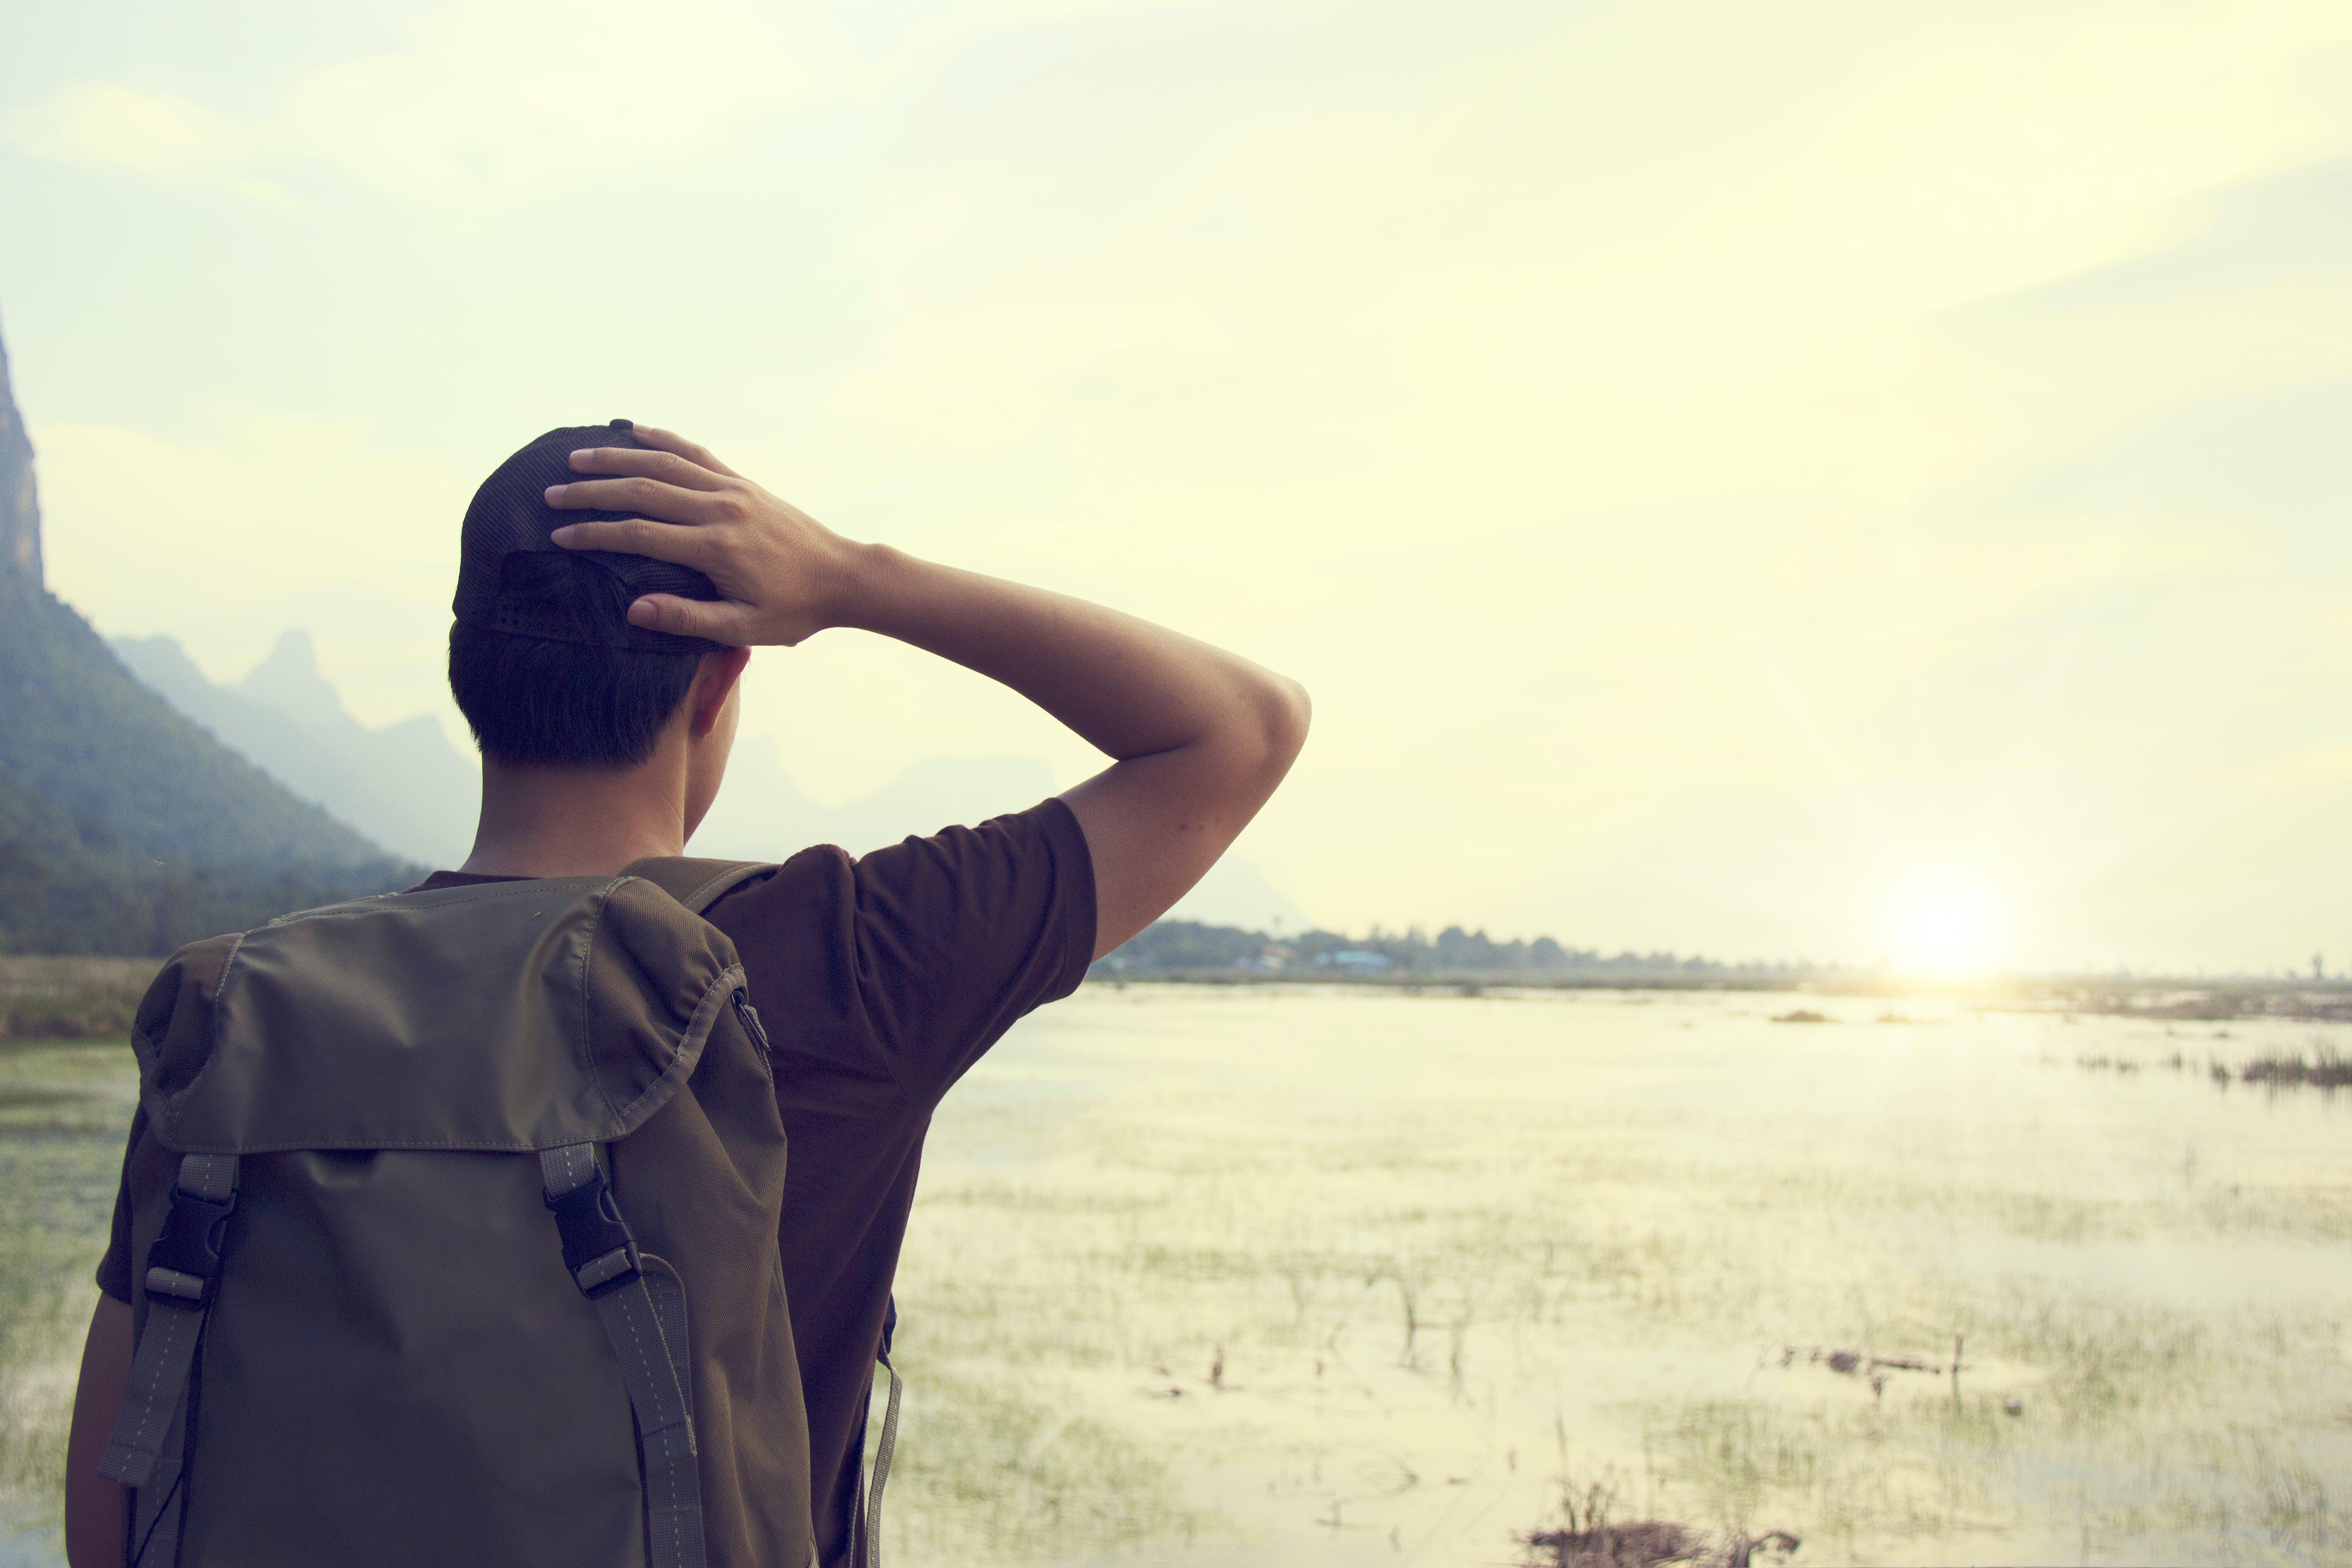 Gratis lagerfoto af Backpacker, himmel, klar himmel, mand